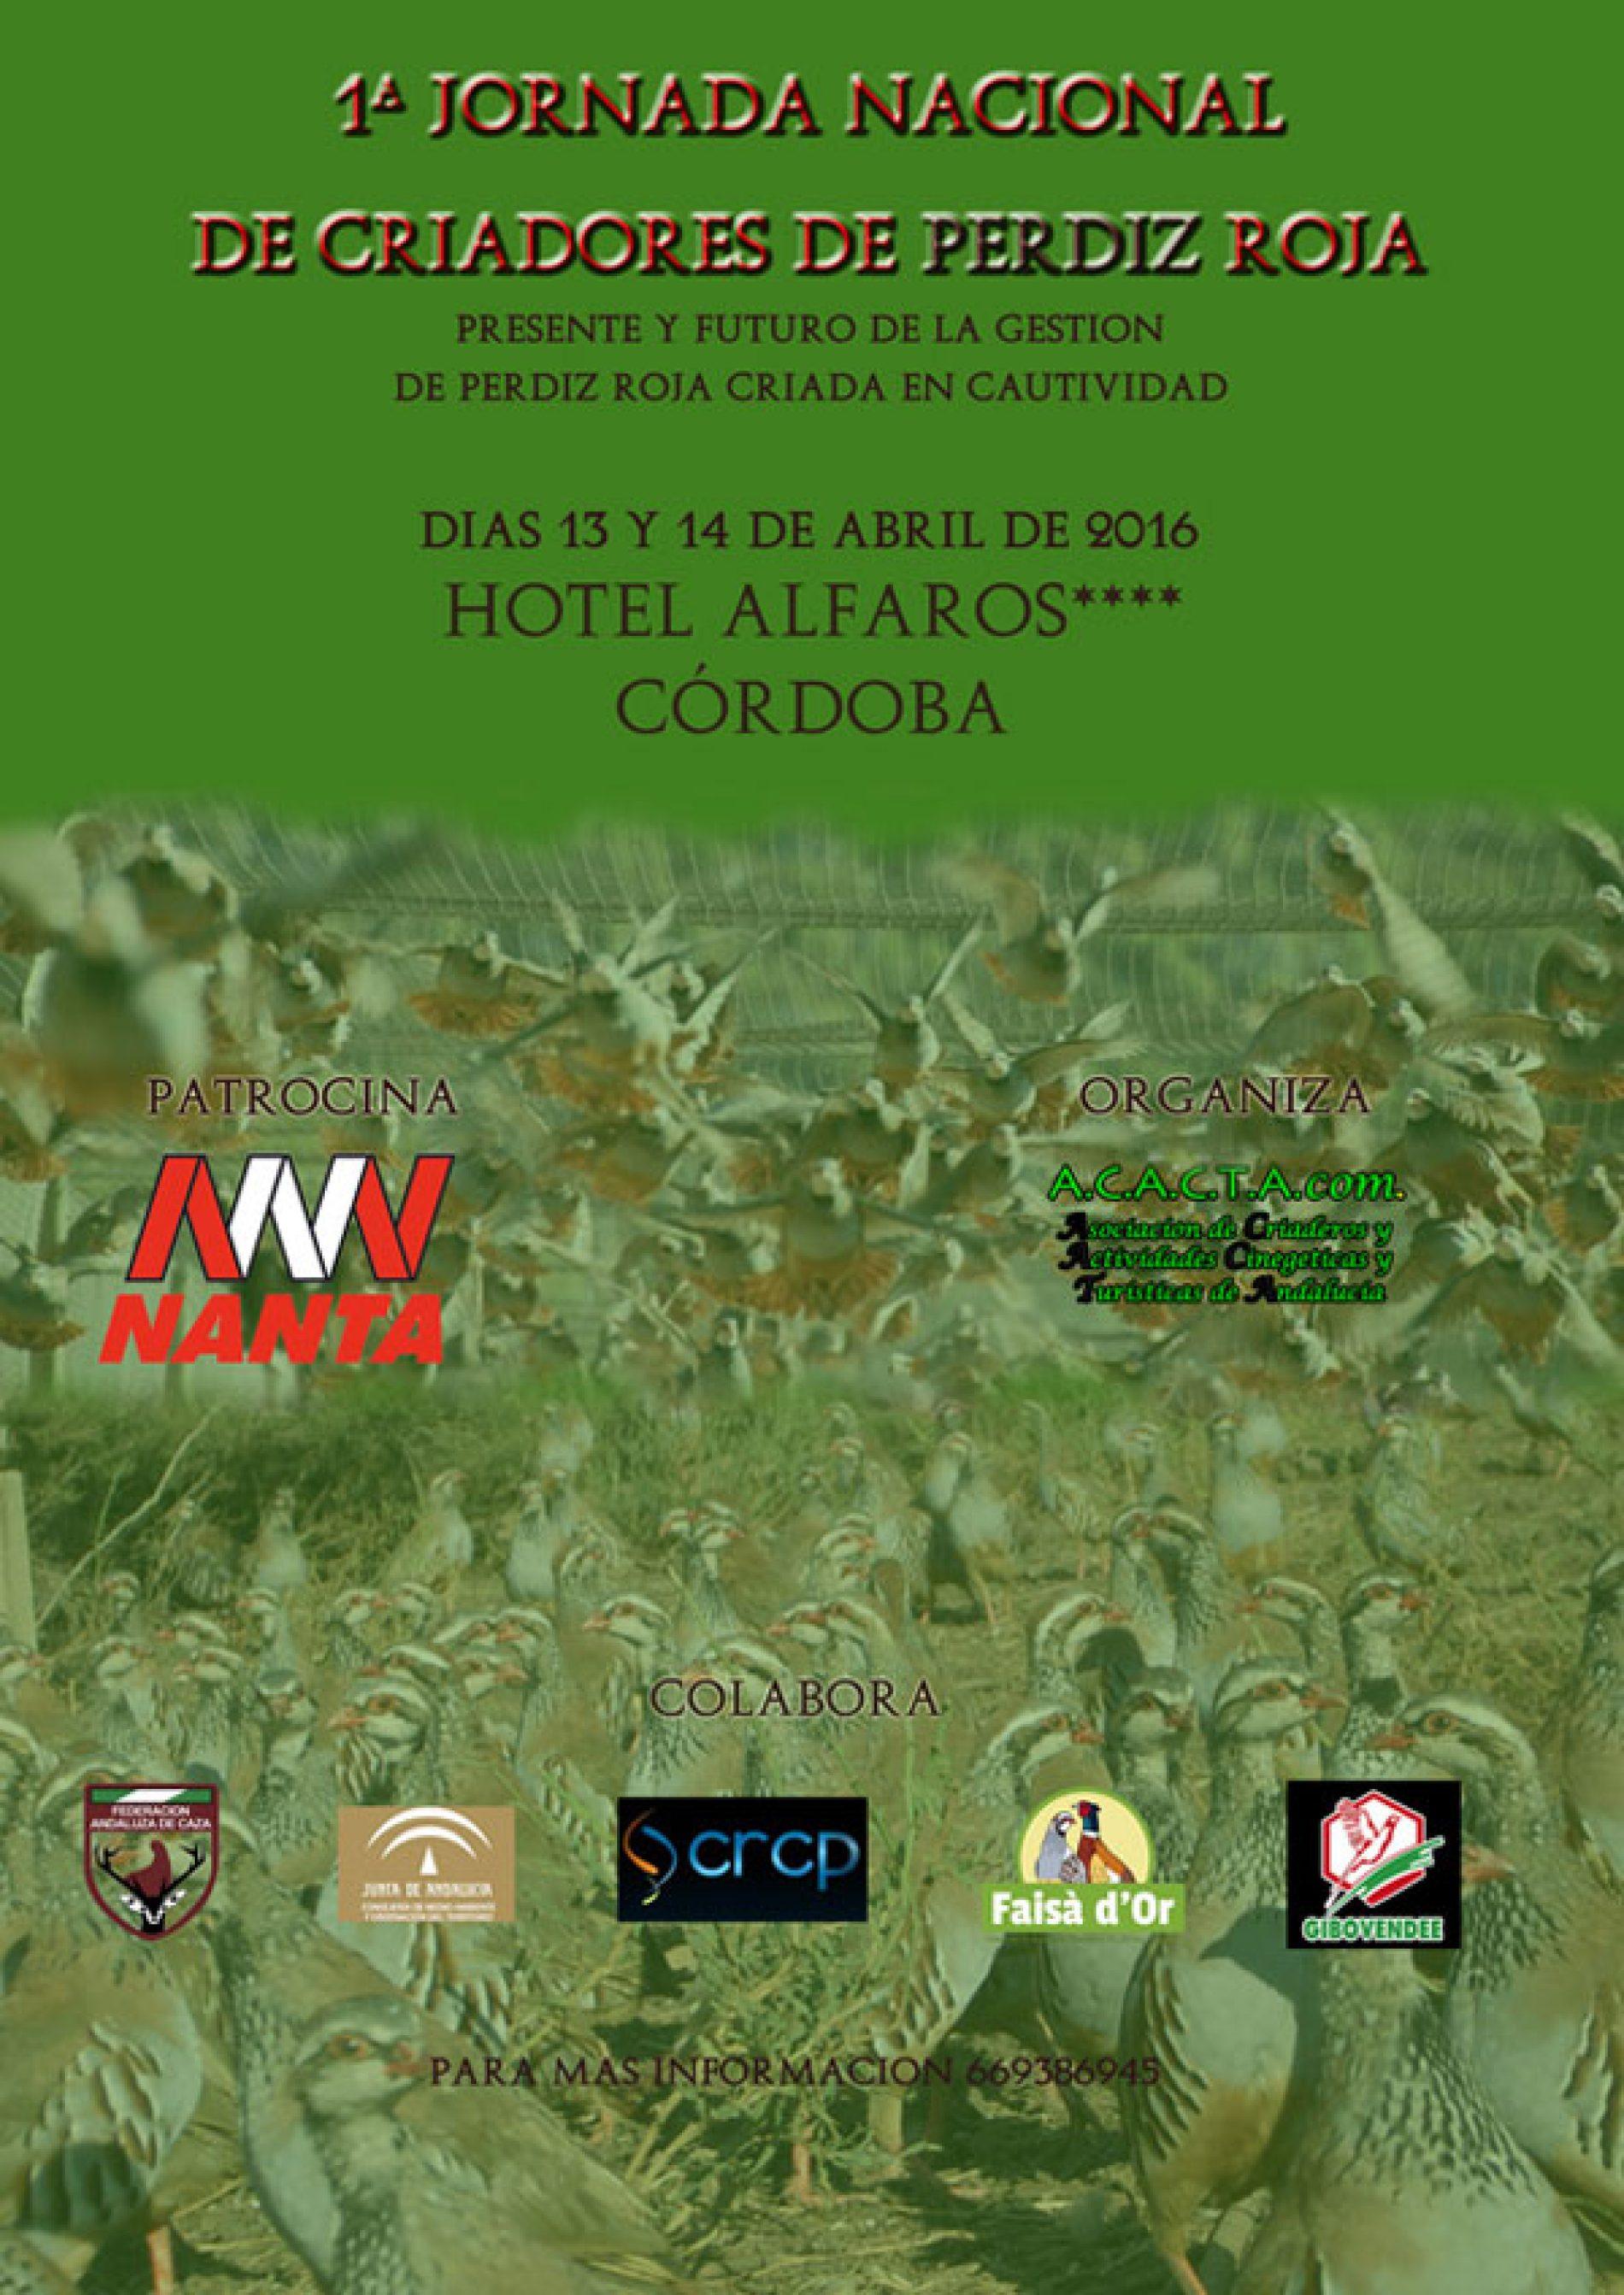 1ª Jornadas Nacional de criadores de perdiz Roja.